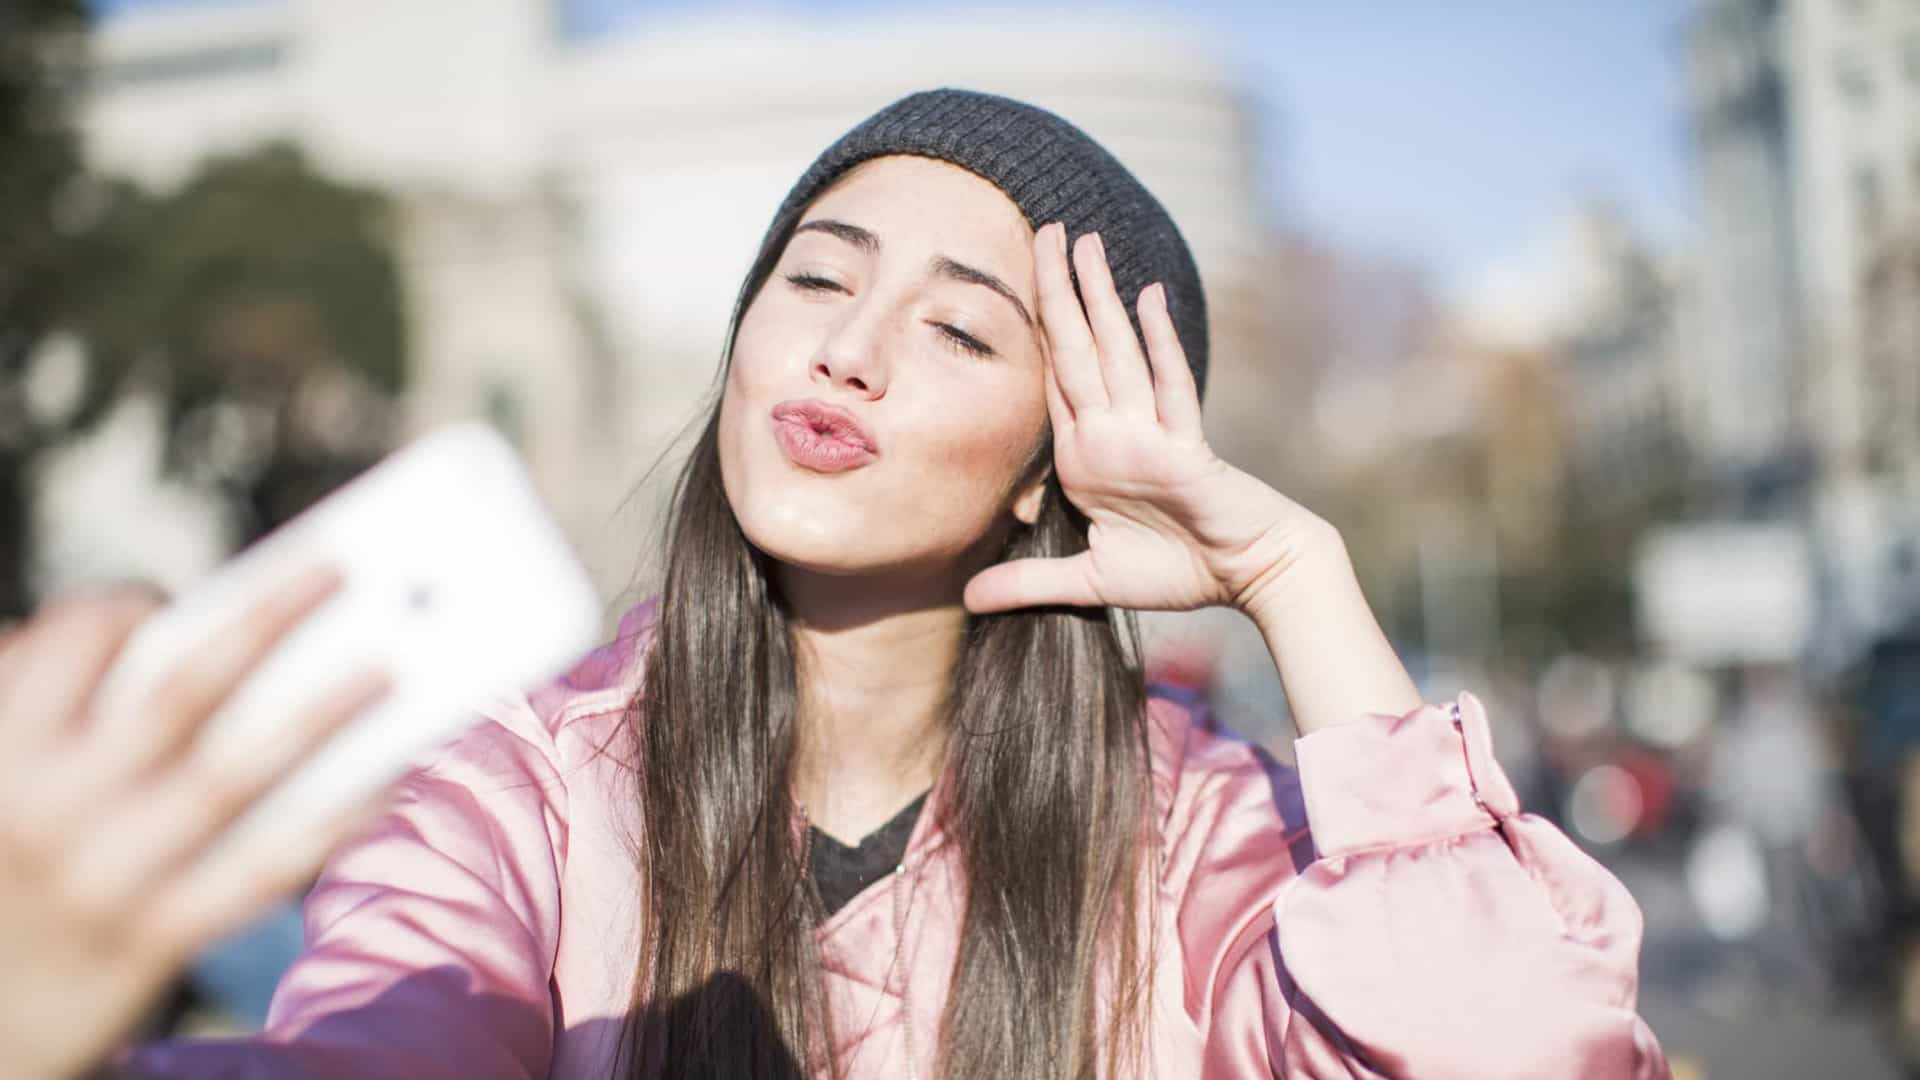 Redes sociais estão a afetar a saúde mental dos adolescentes, diz estudo